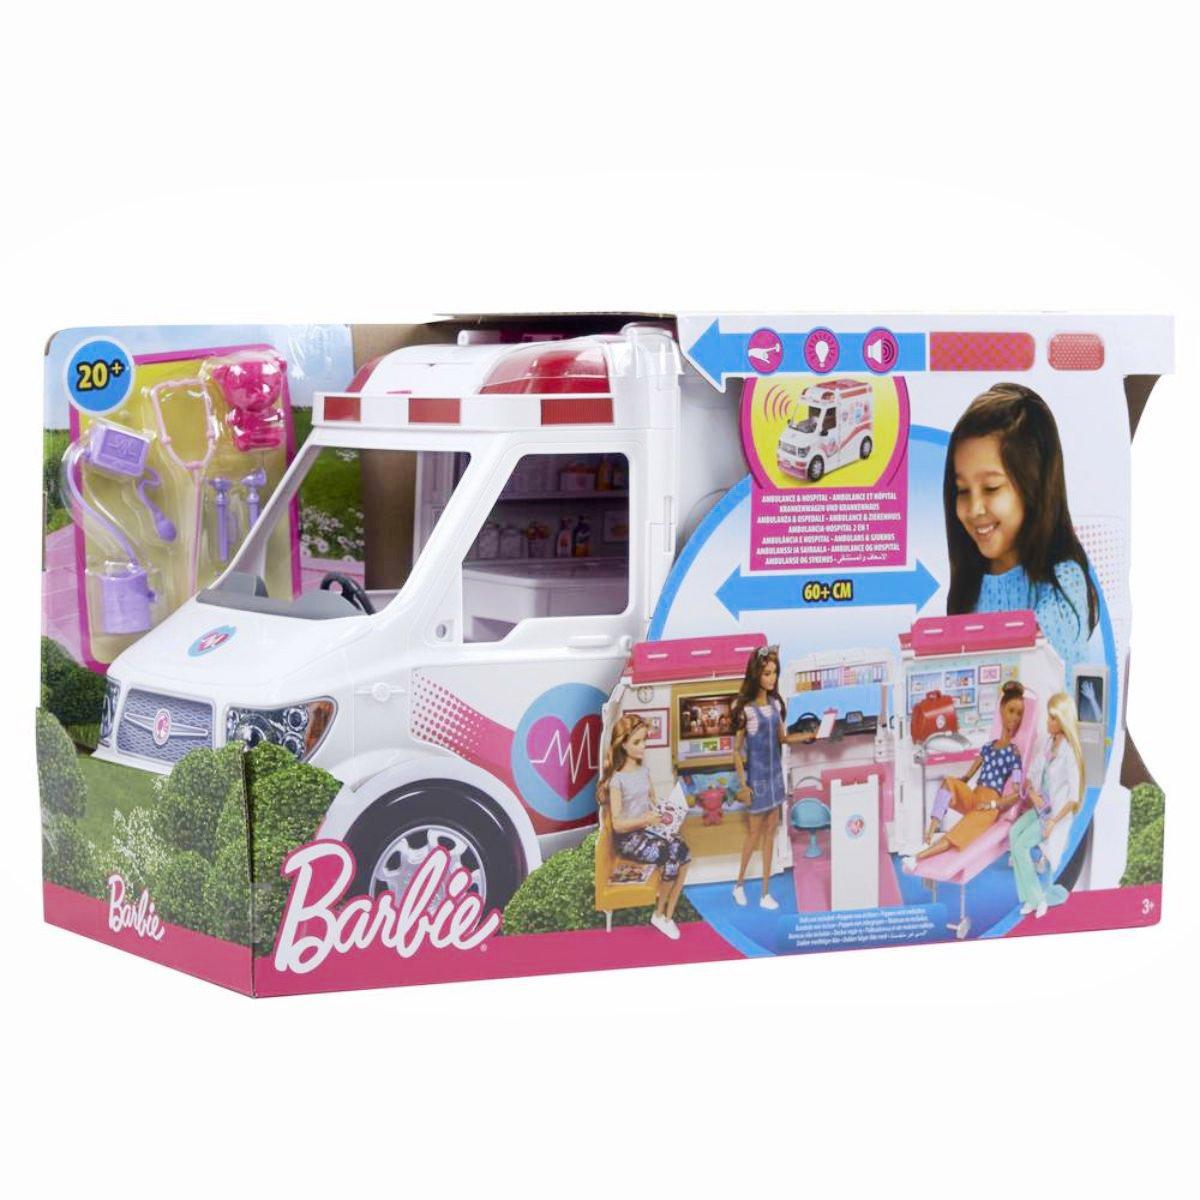 Set Barbie, Clinica mobila